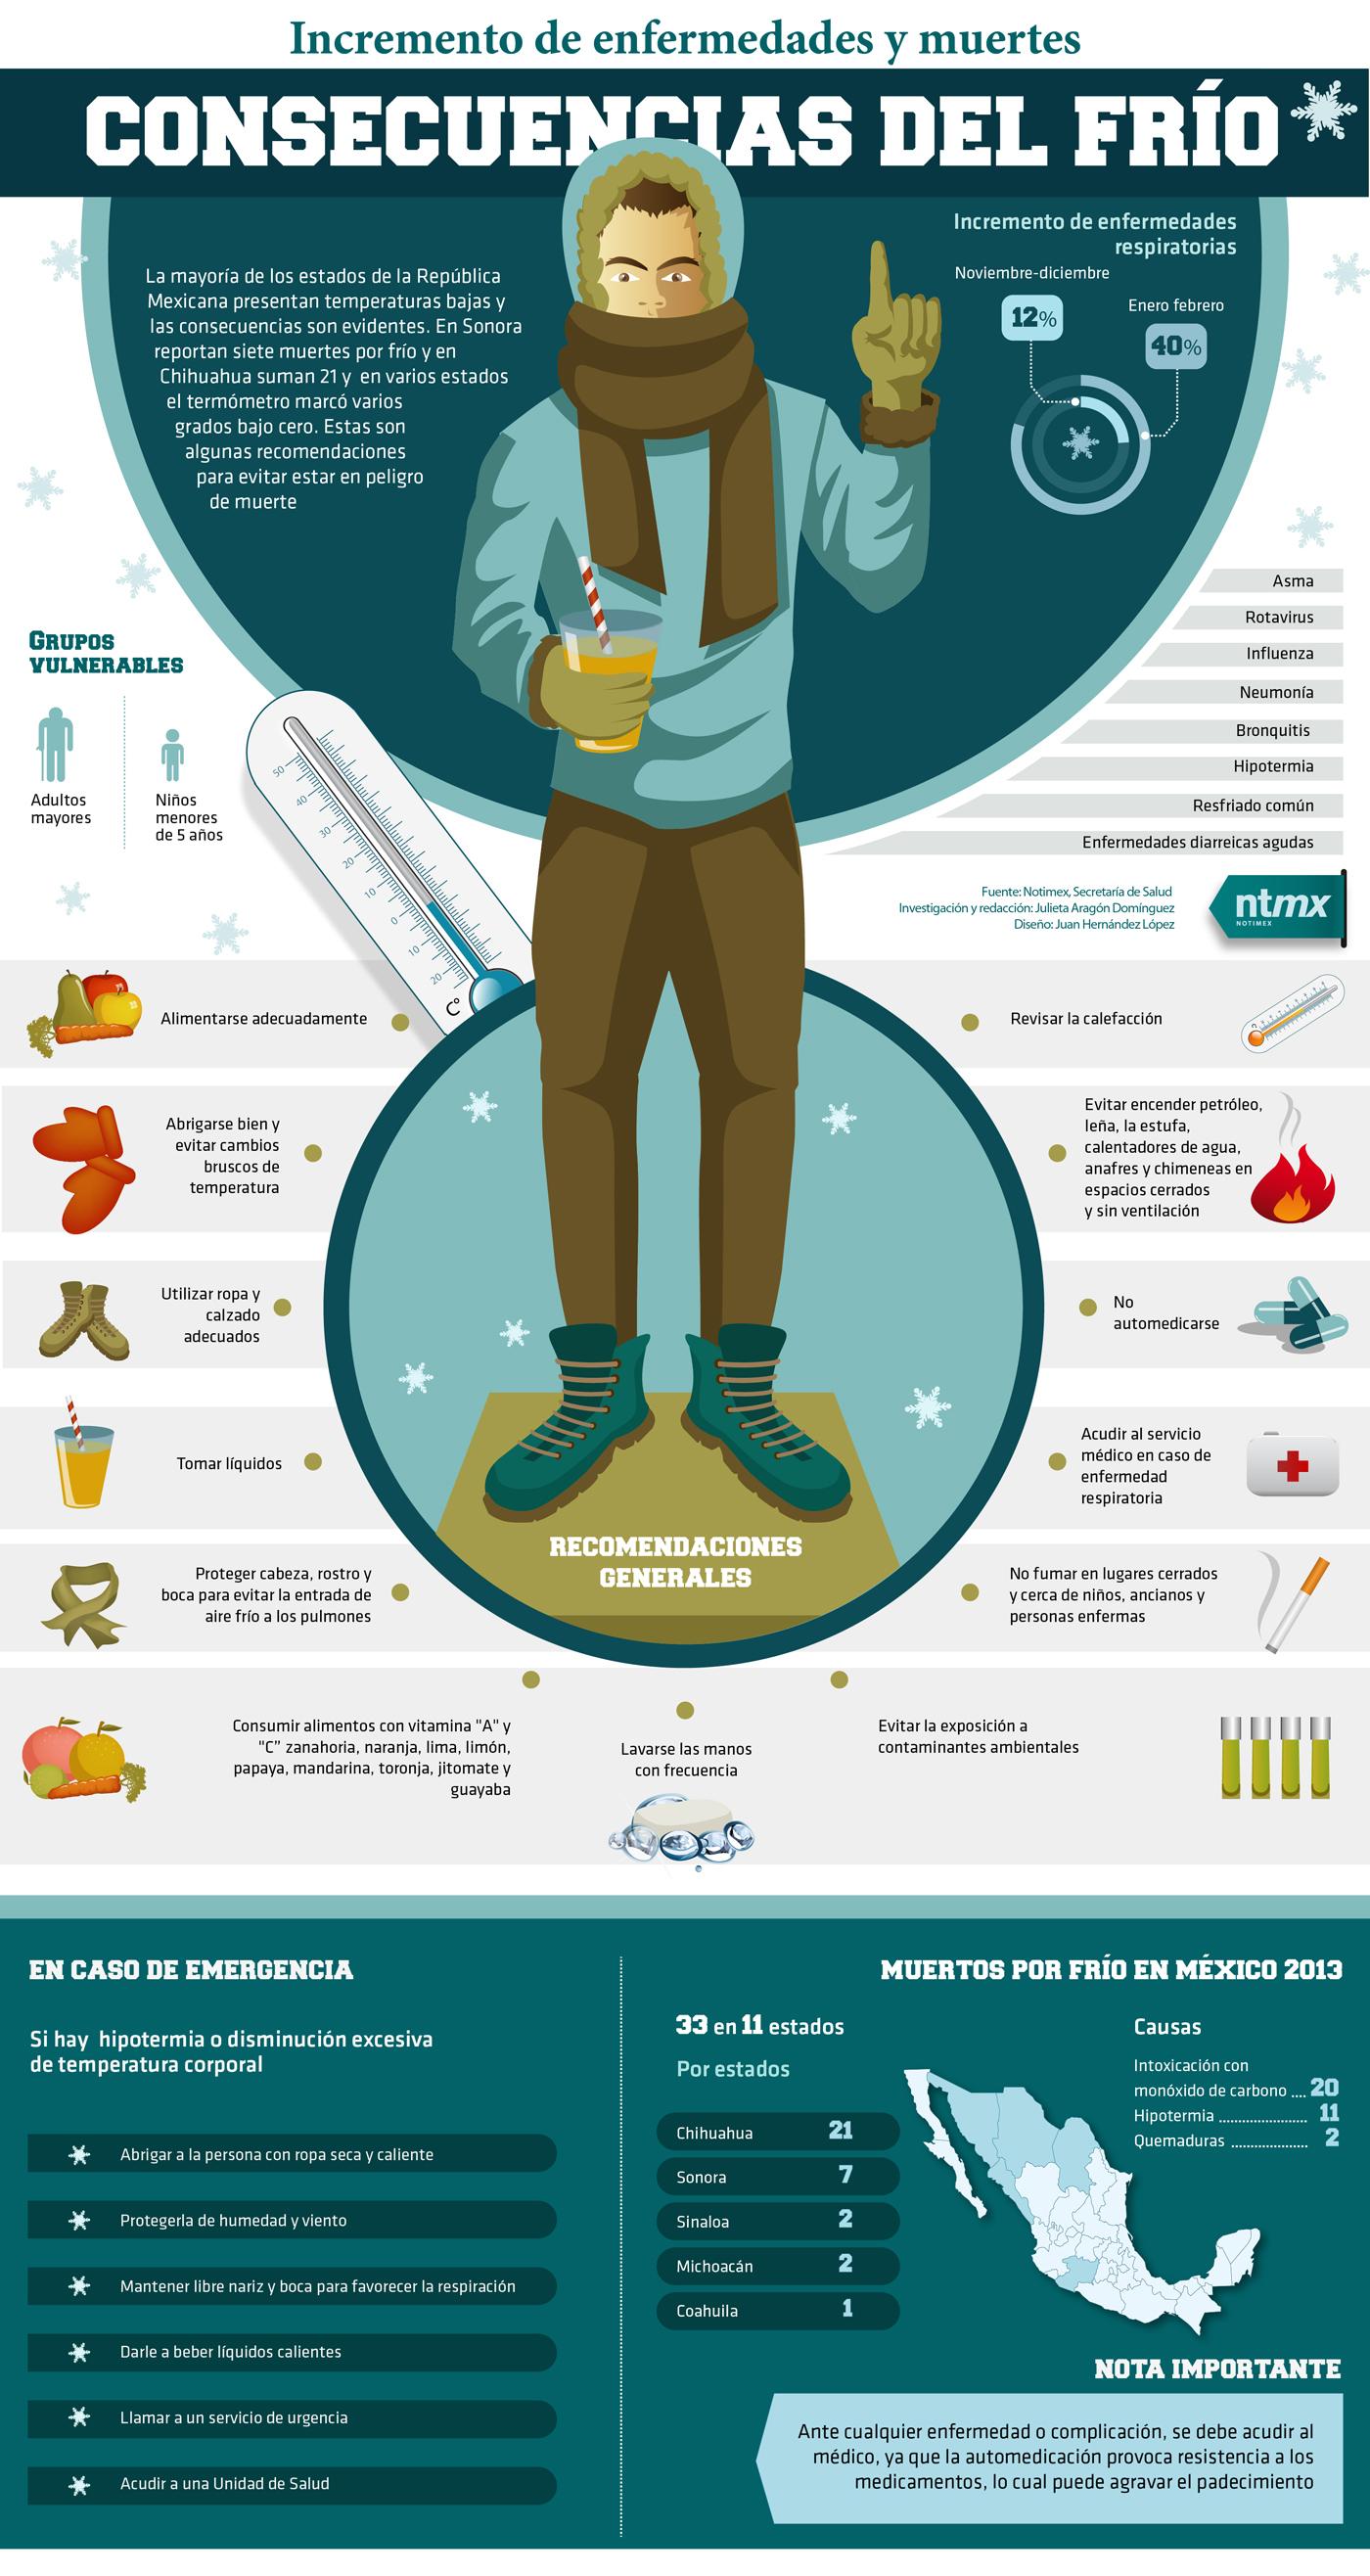 De enero a febrero se disparan las enfermedades respiratorias